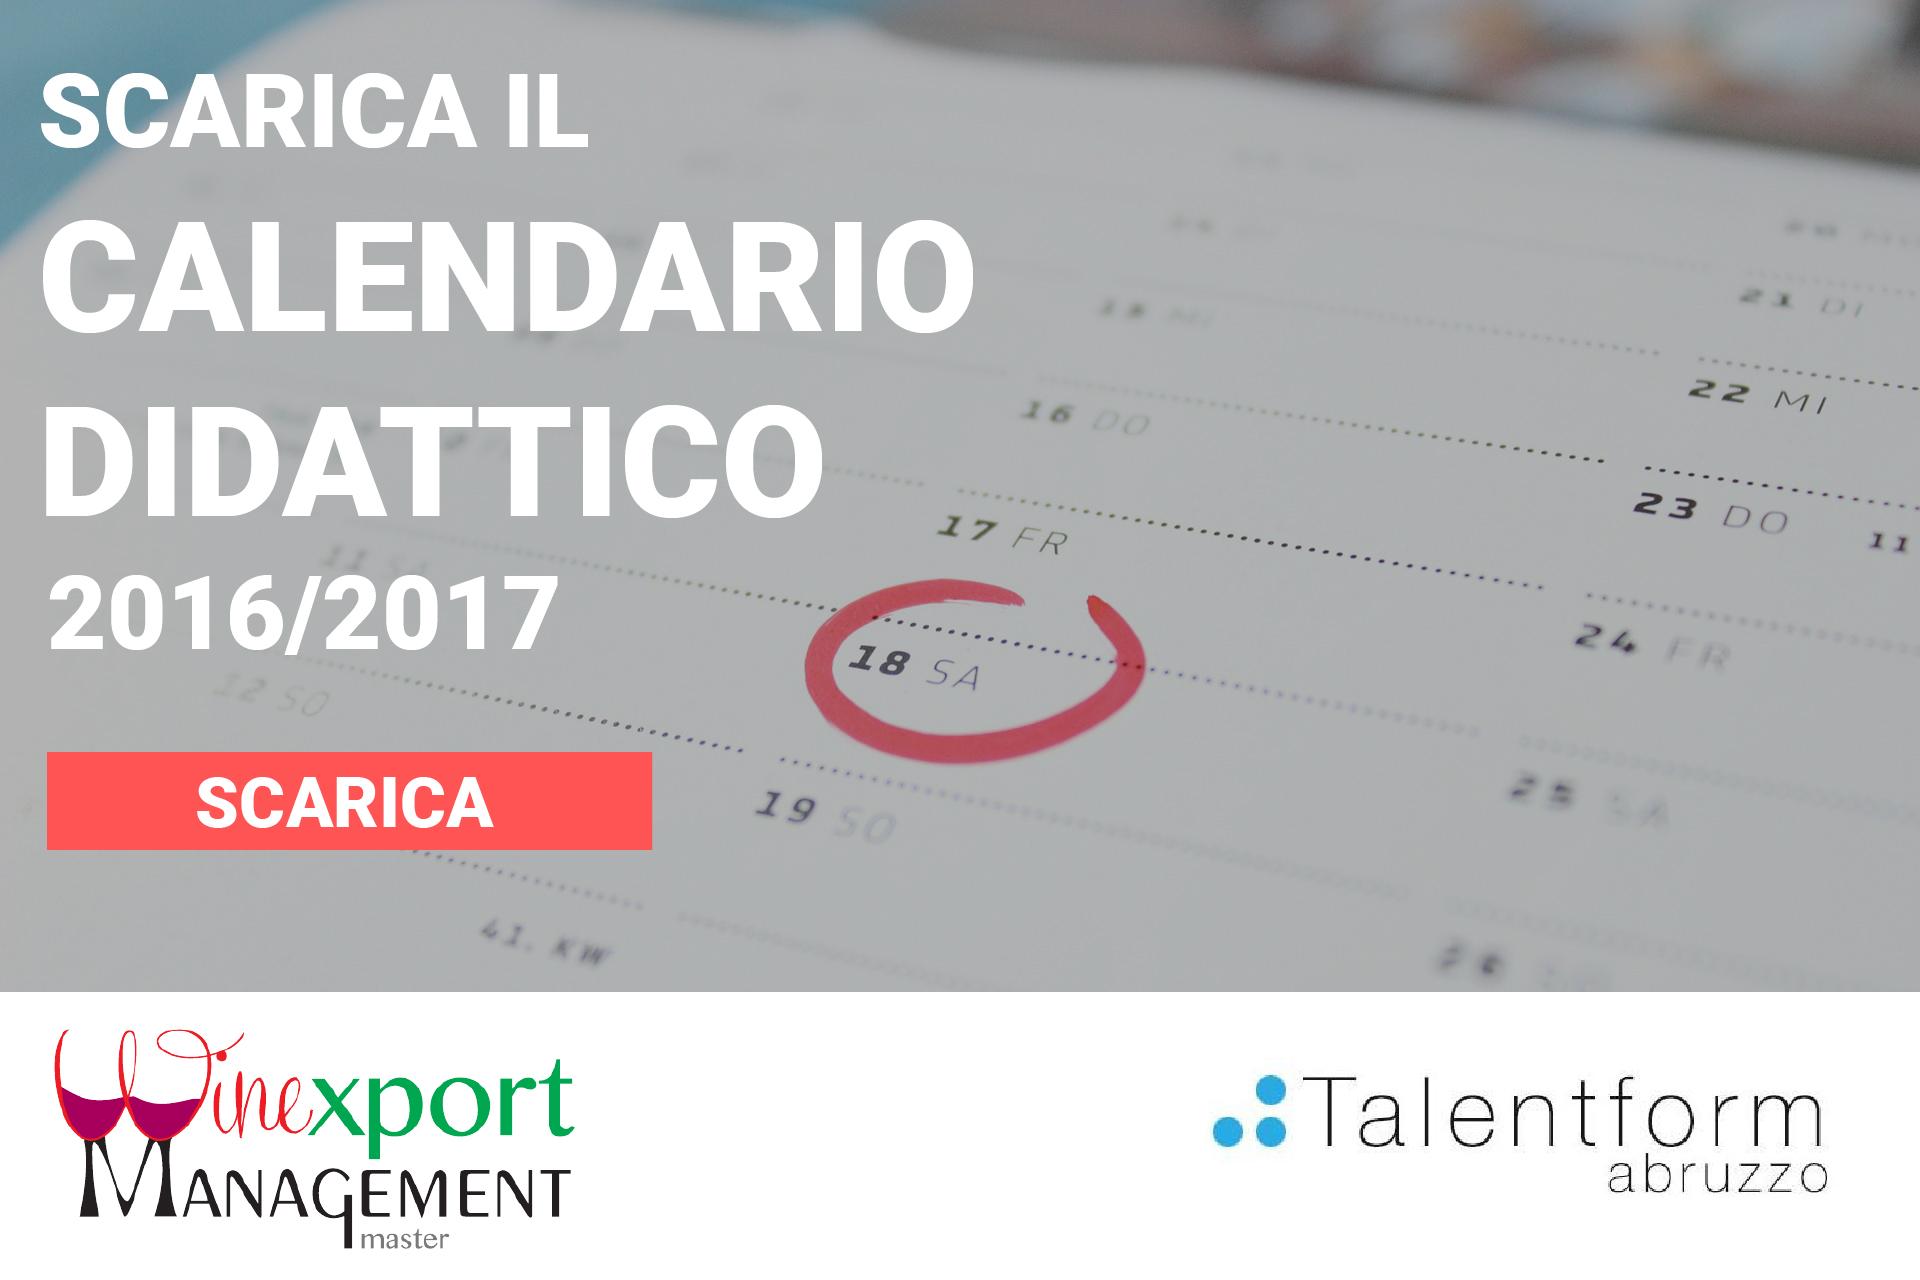 Calendario Didattico 2016 2017